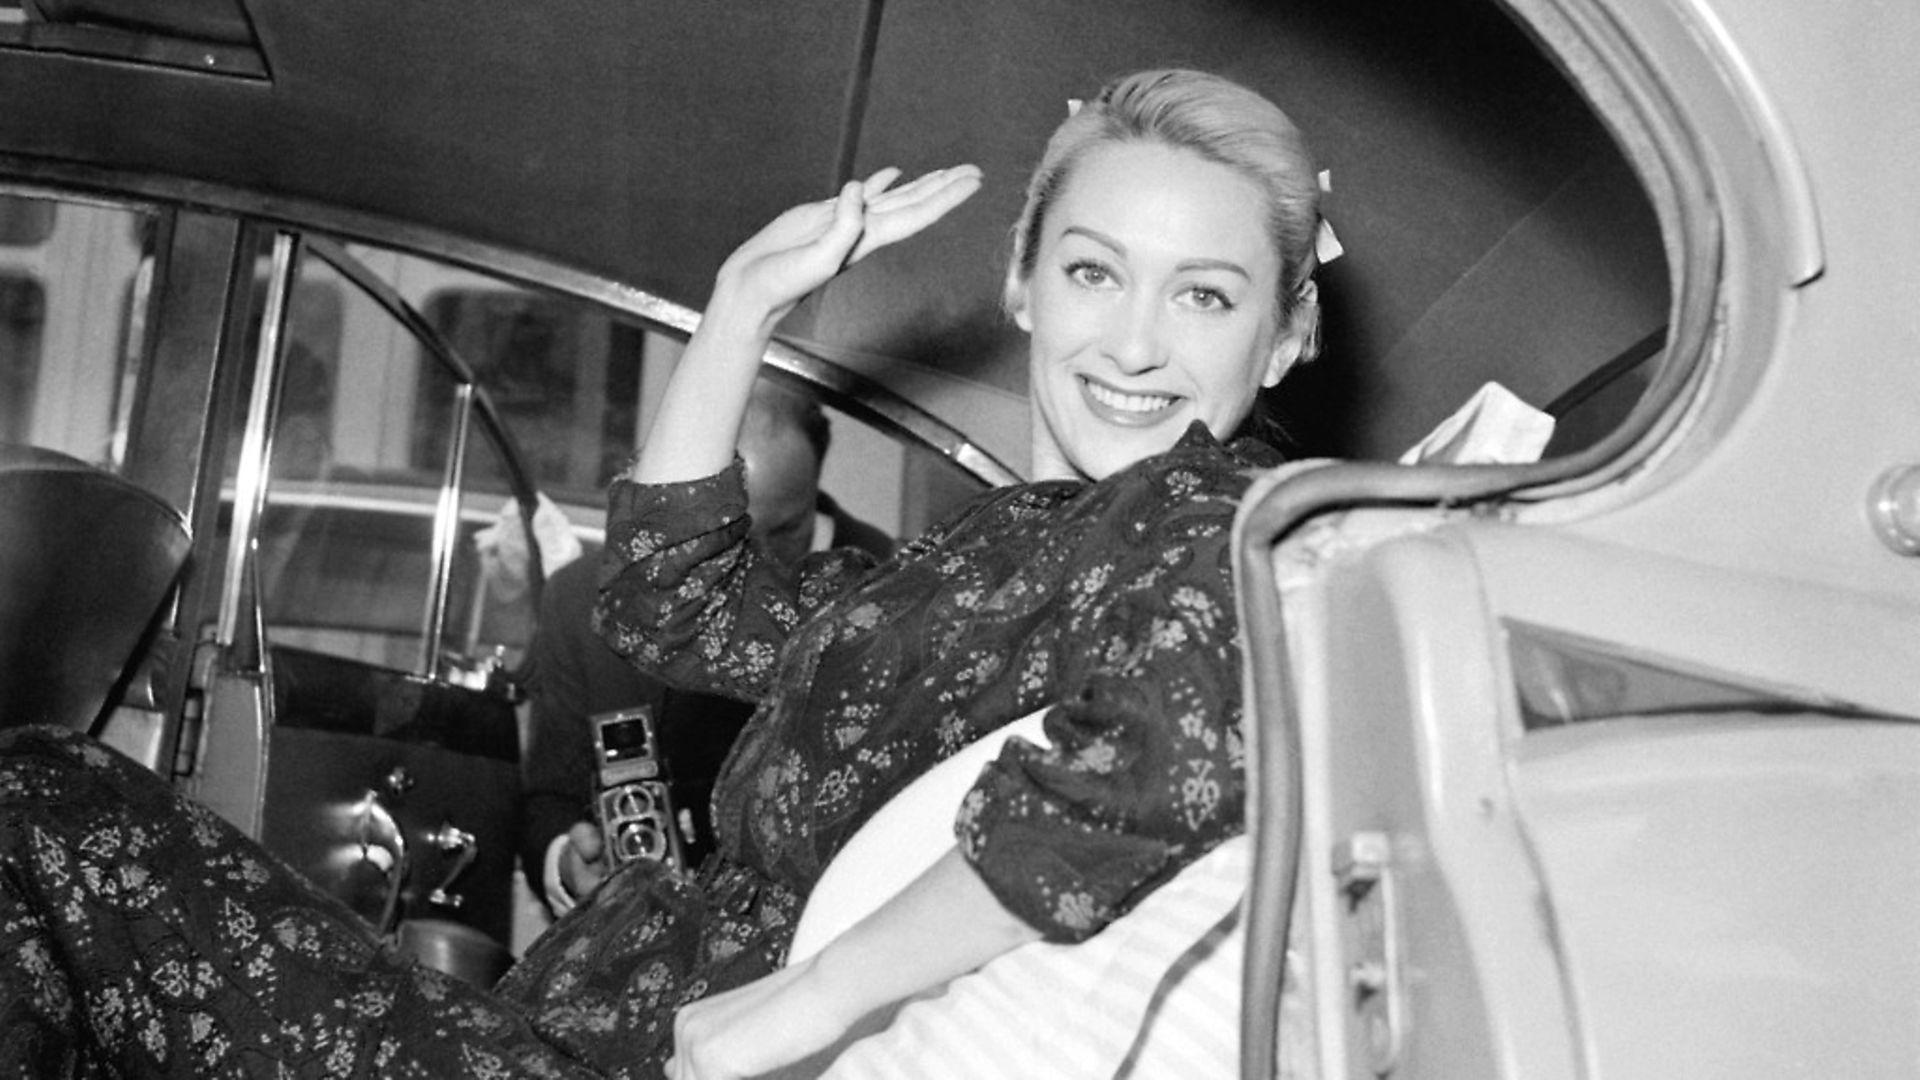 L'actrice Martine Carol quittant la clinique en voiture o� elle a suivi un traitement, � Paris, France le 25 juin 1957. (Photo by Keystone-France/Gamma-Rapho via Getty Images) - Credit: Gamma-Keystone via Getty Images